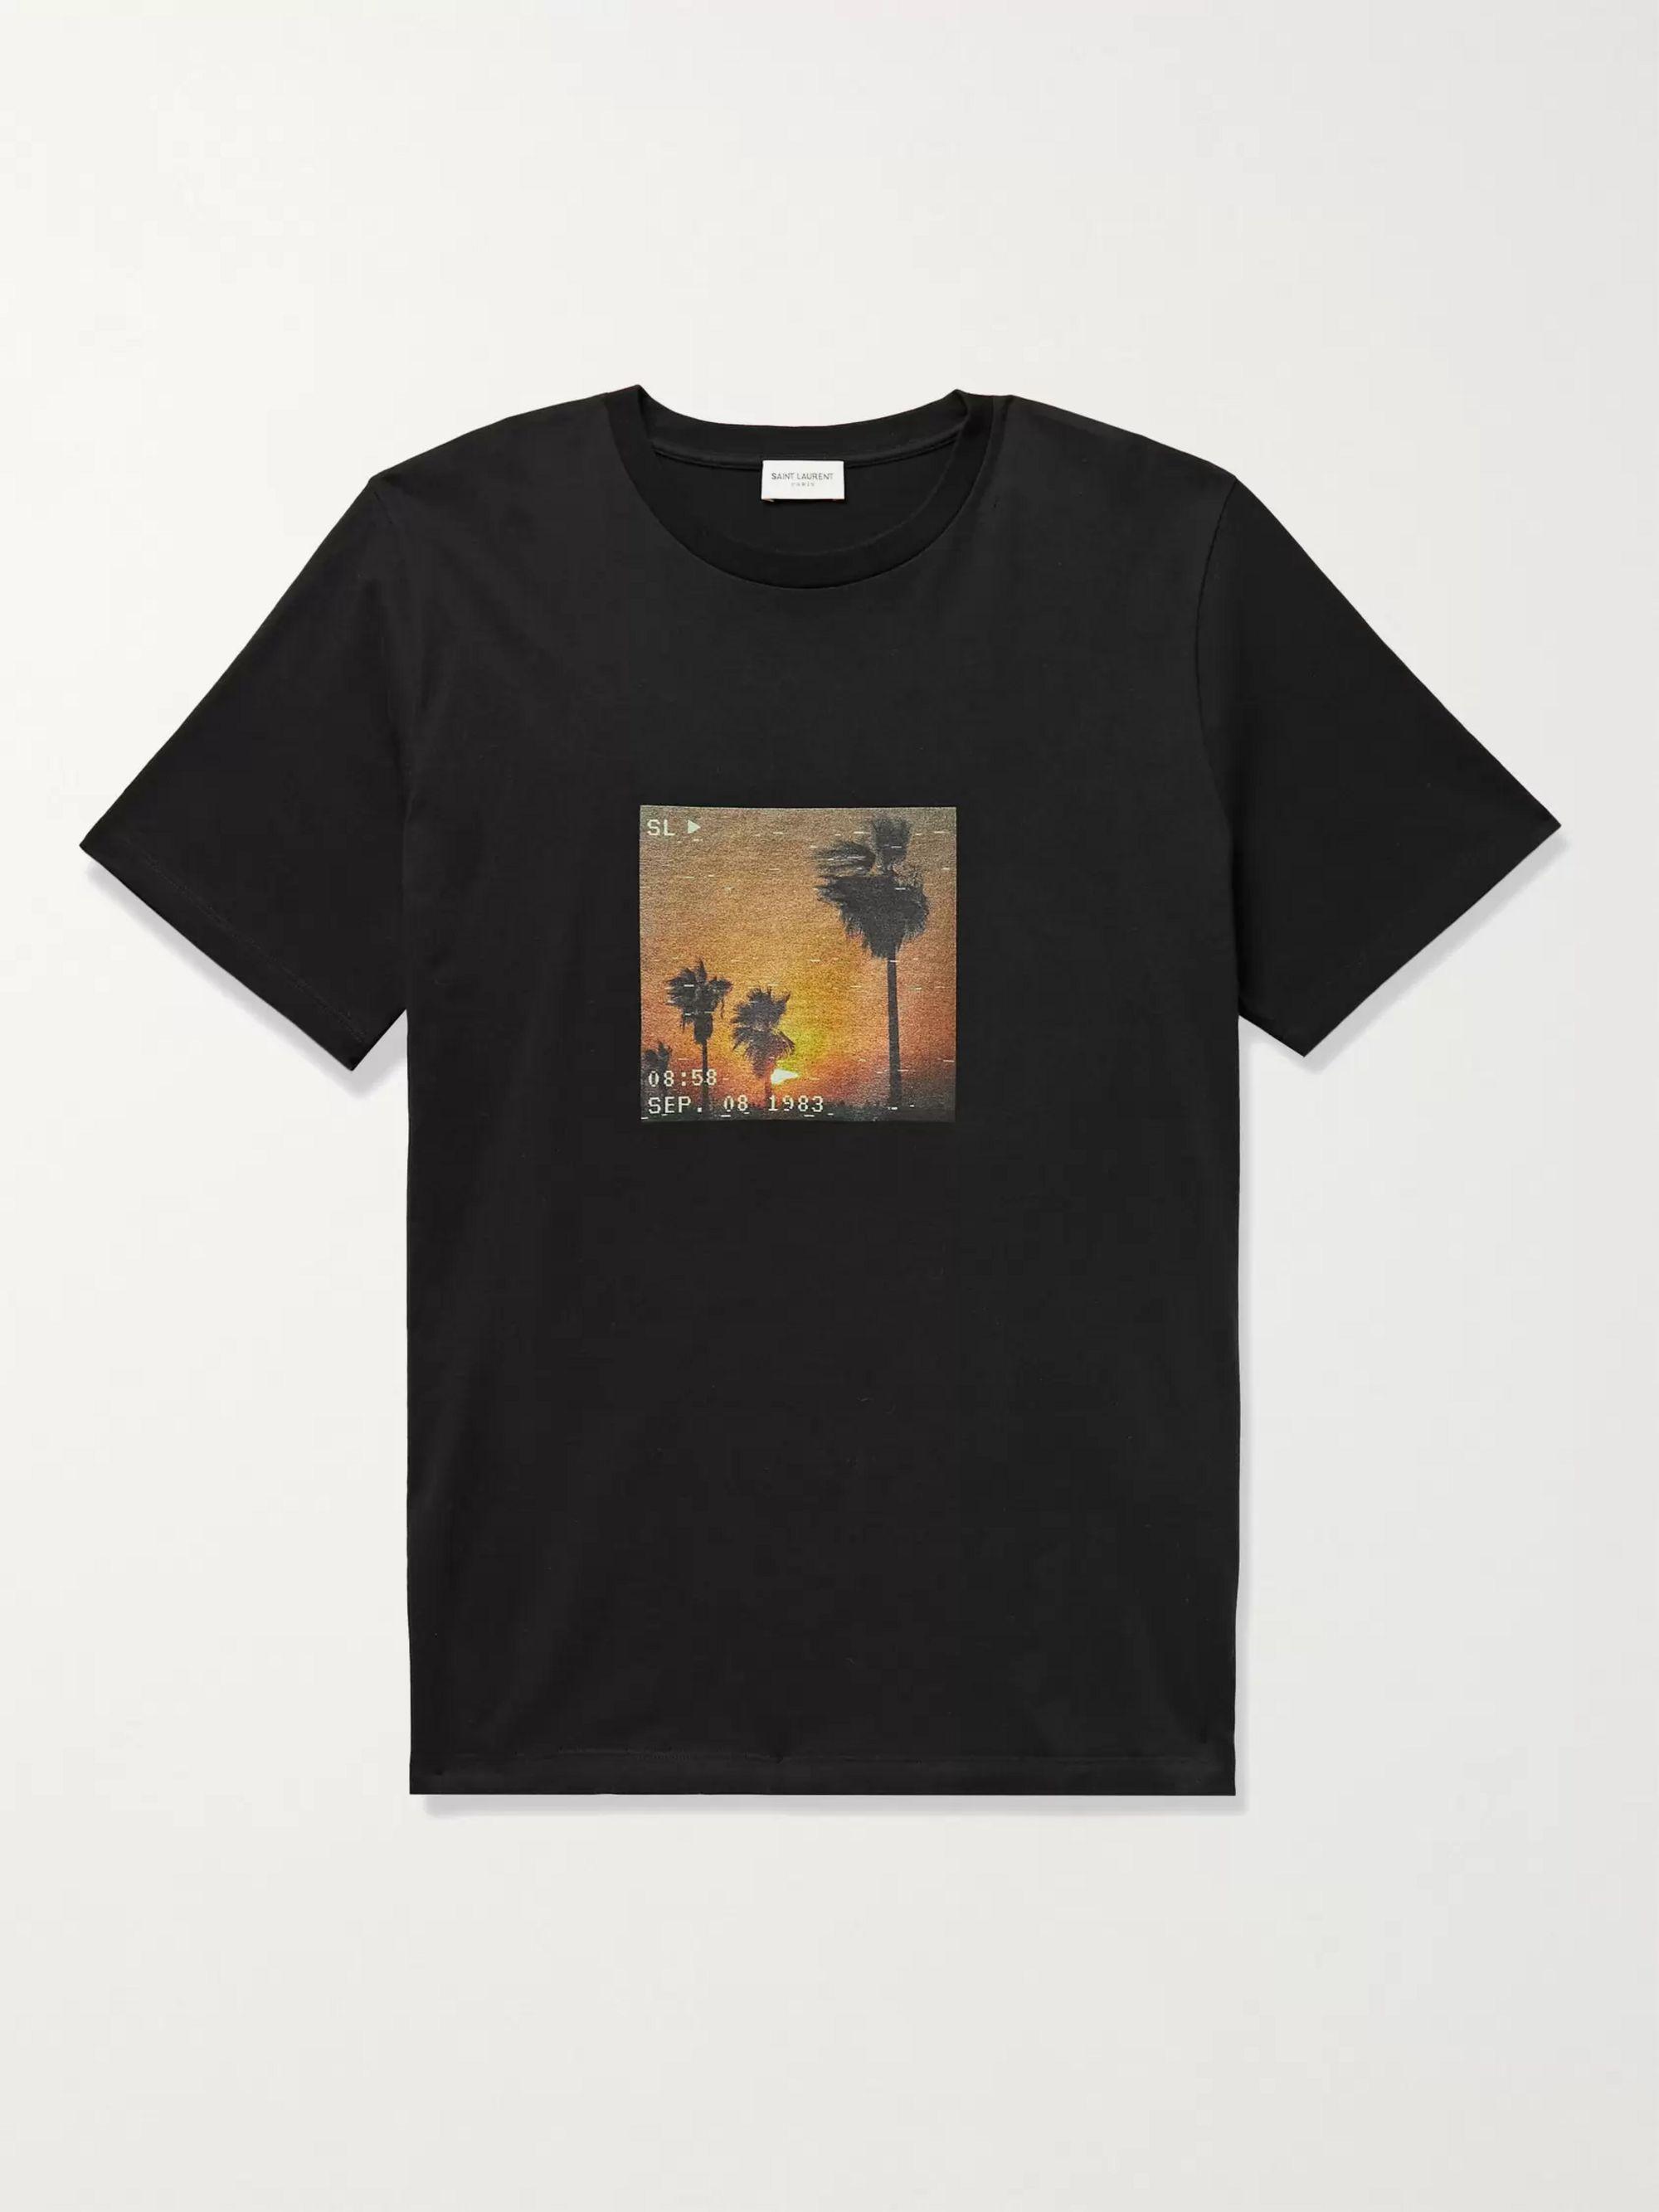 생 로랑 Saint Laurent Printed Cotton-Jersey T-Shirt,Black